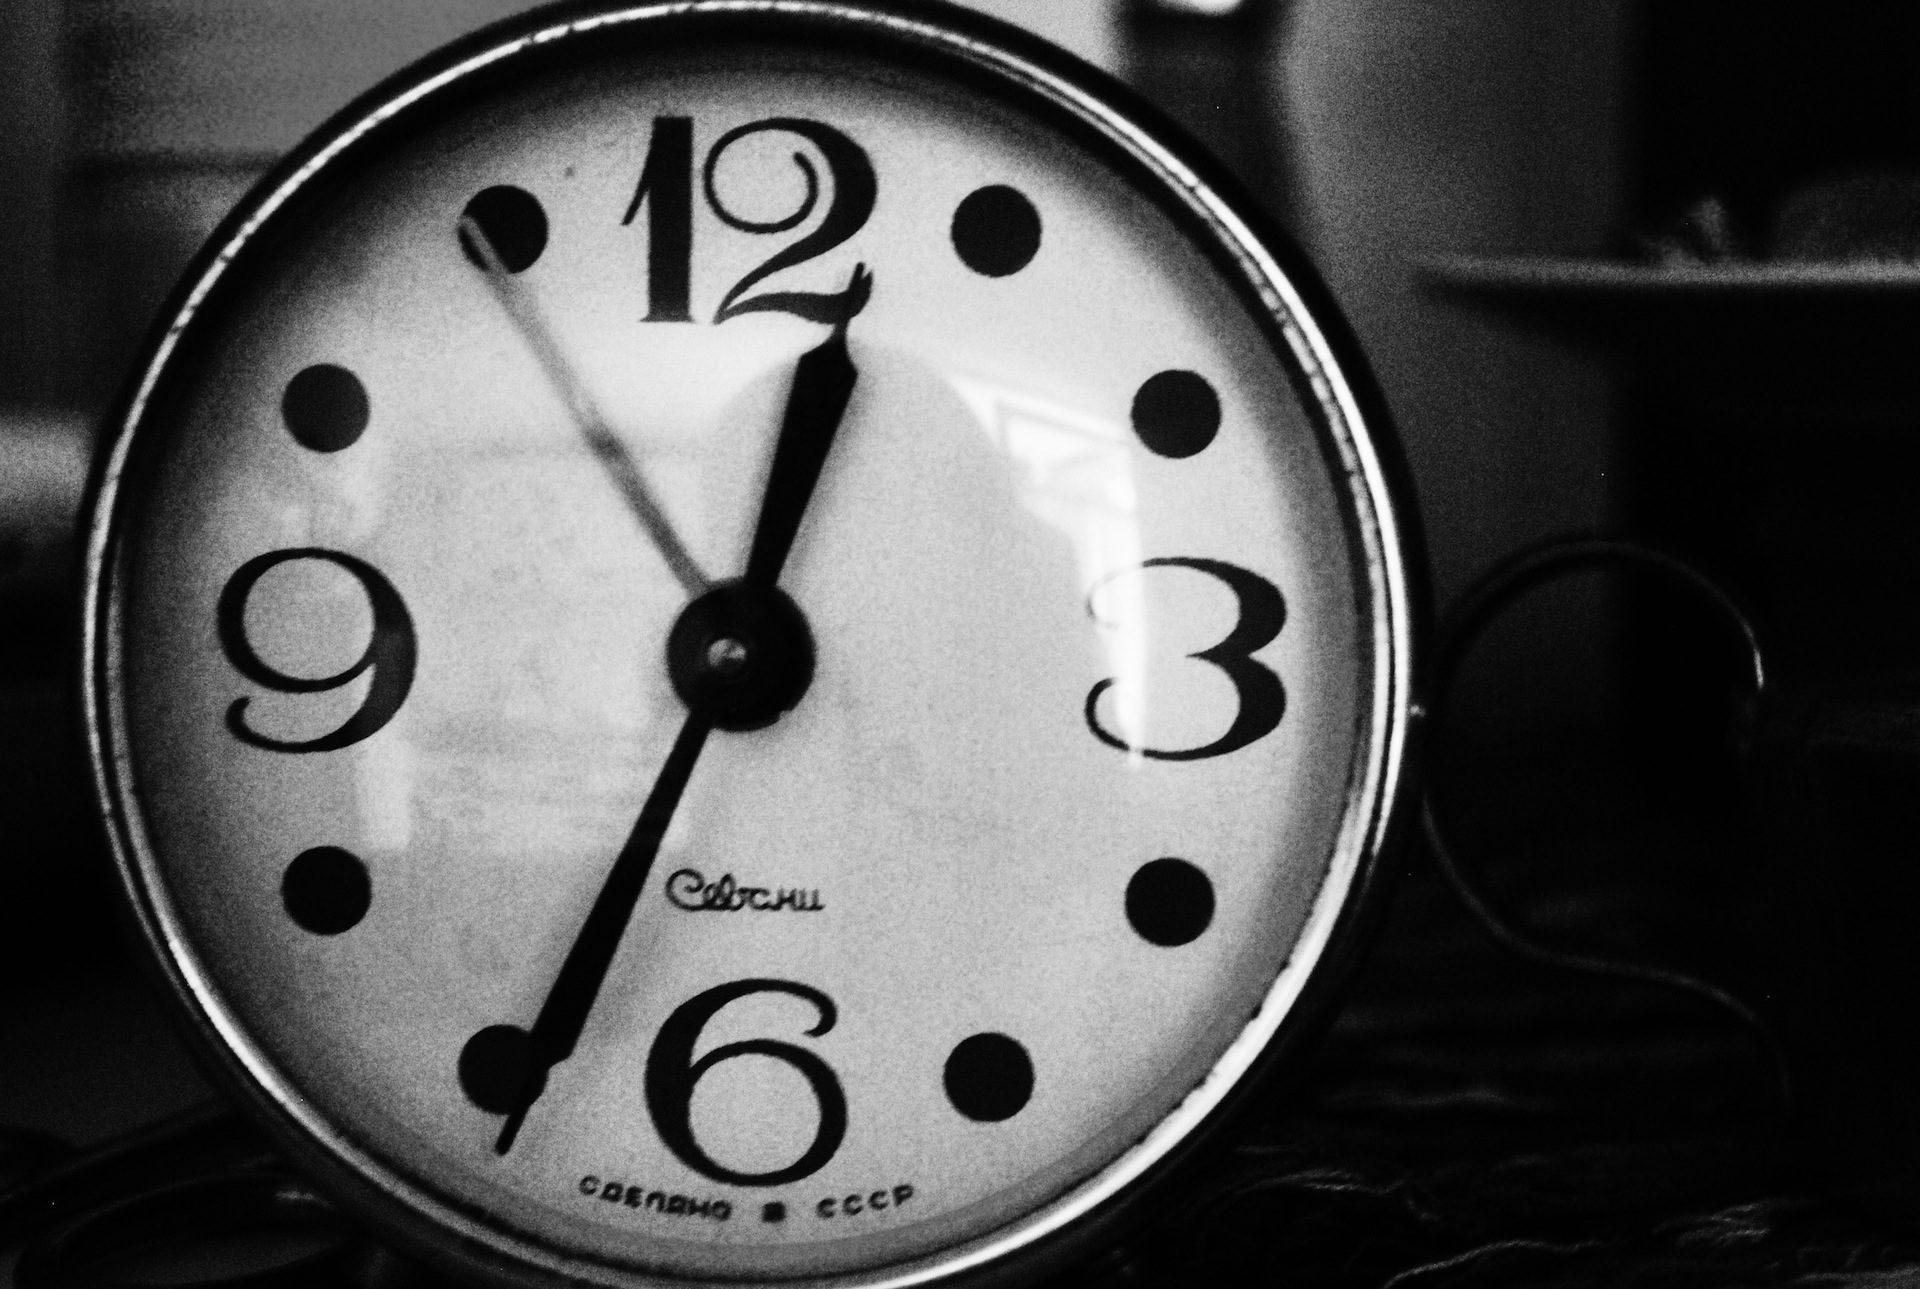 reloj, agujas, tiempo, reflejo, en blanco y negro - Fondos de Pantalla HD - professor-falken.com